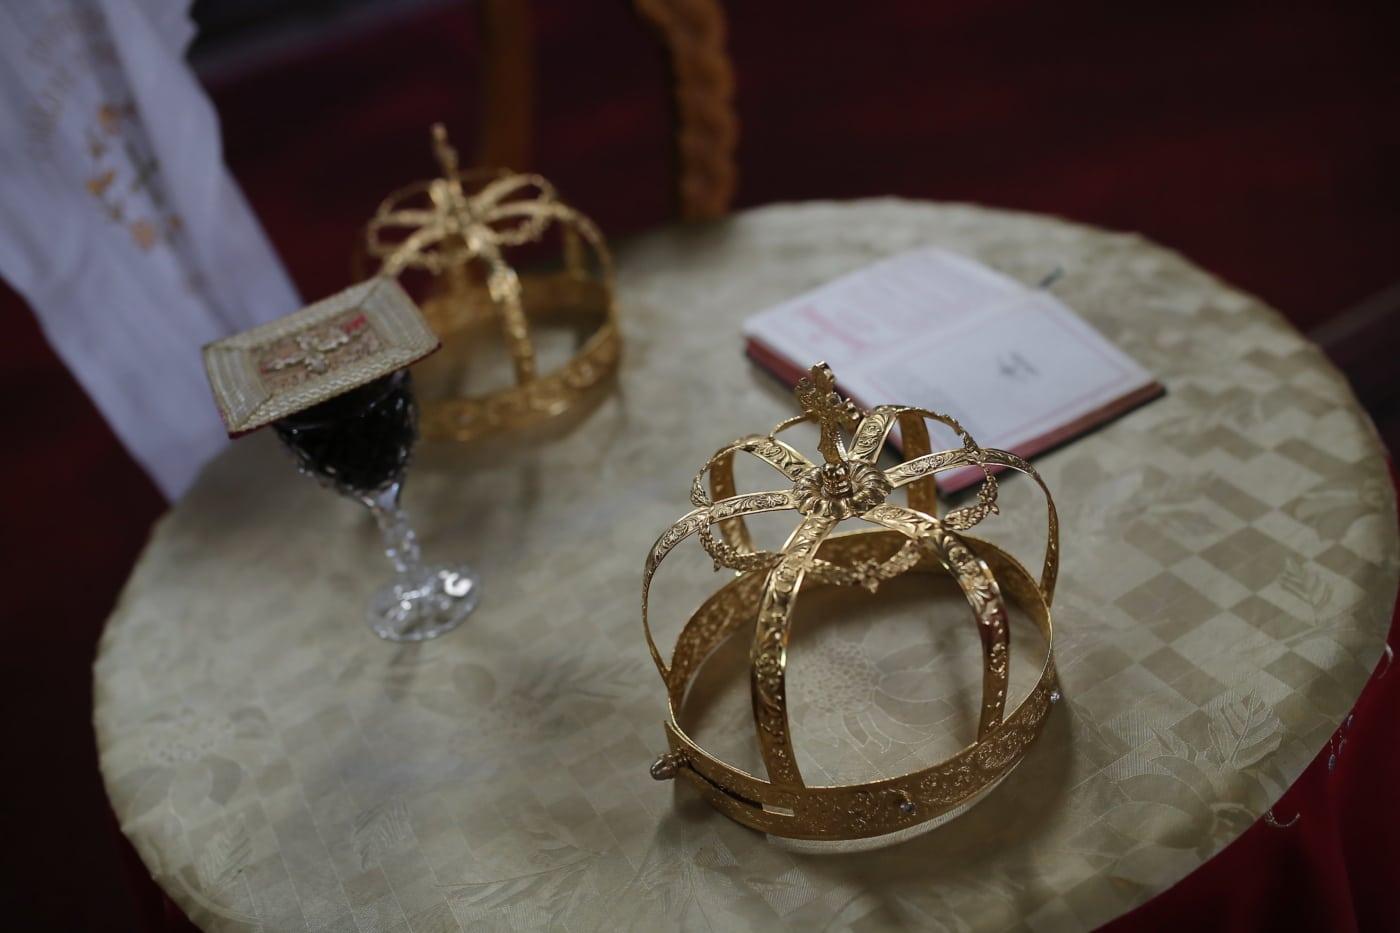 Корона, золото, коронація, Біблія, Червоне вино, сяючий, розкіш, традиційні, приміщенні, прикраса